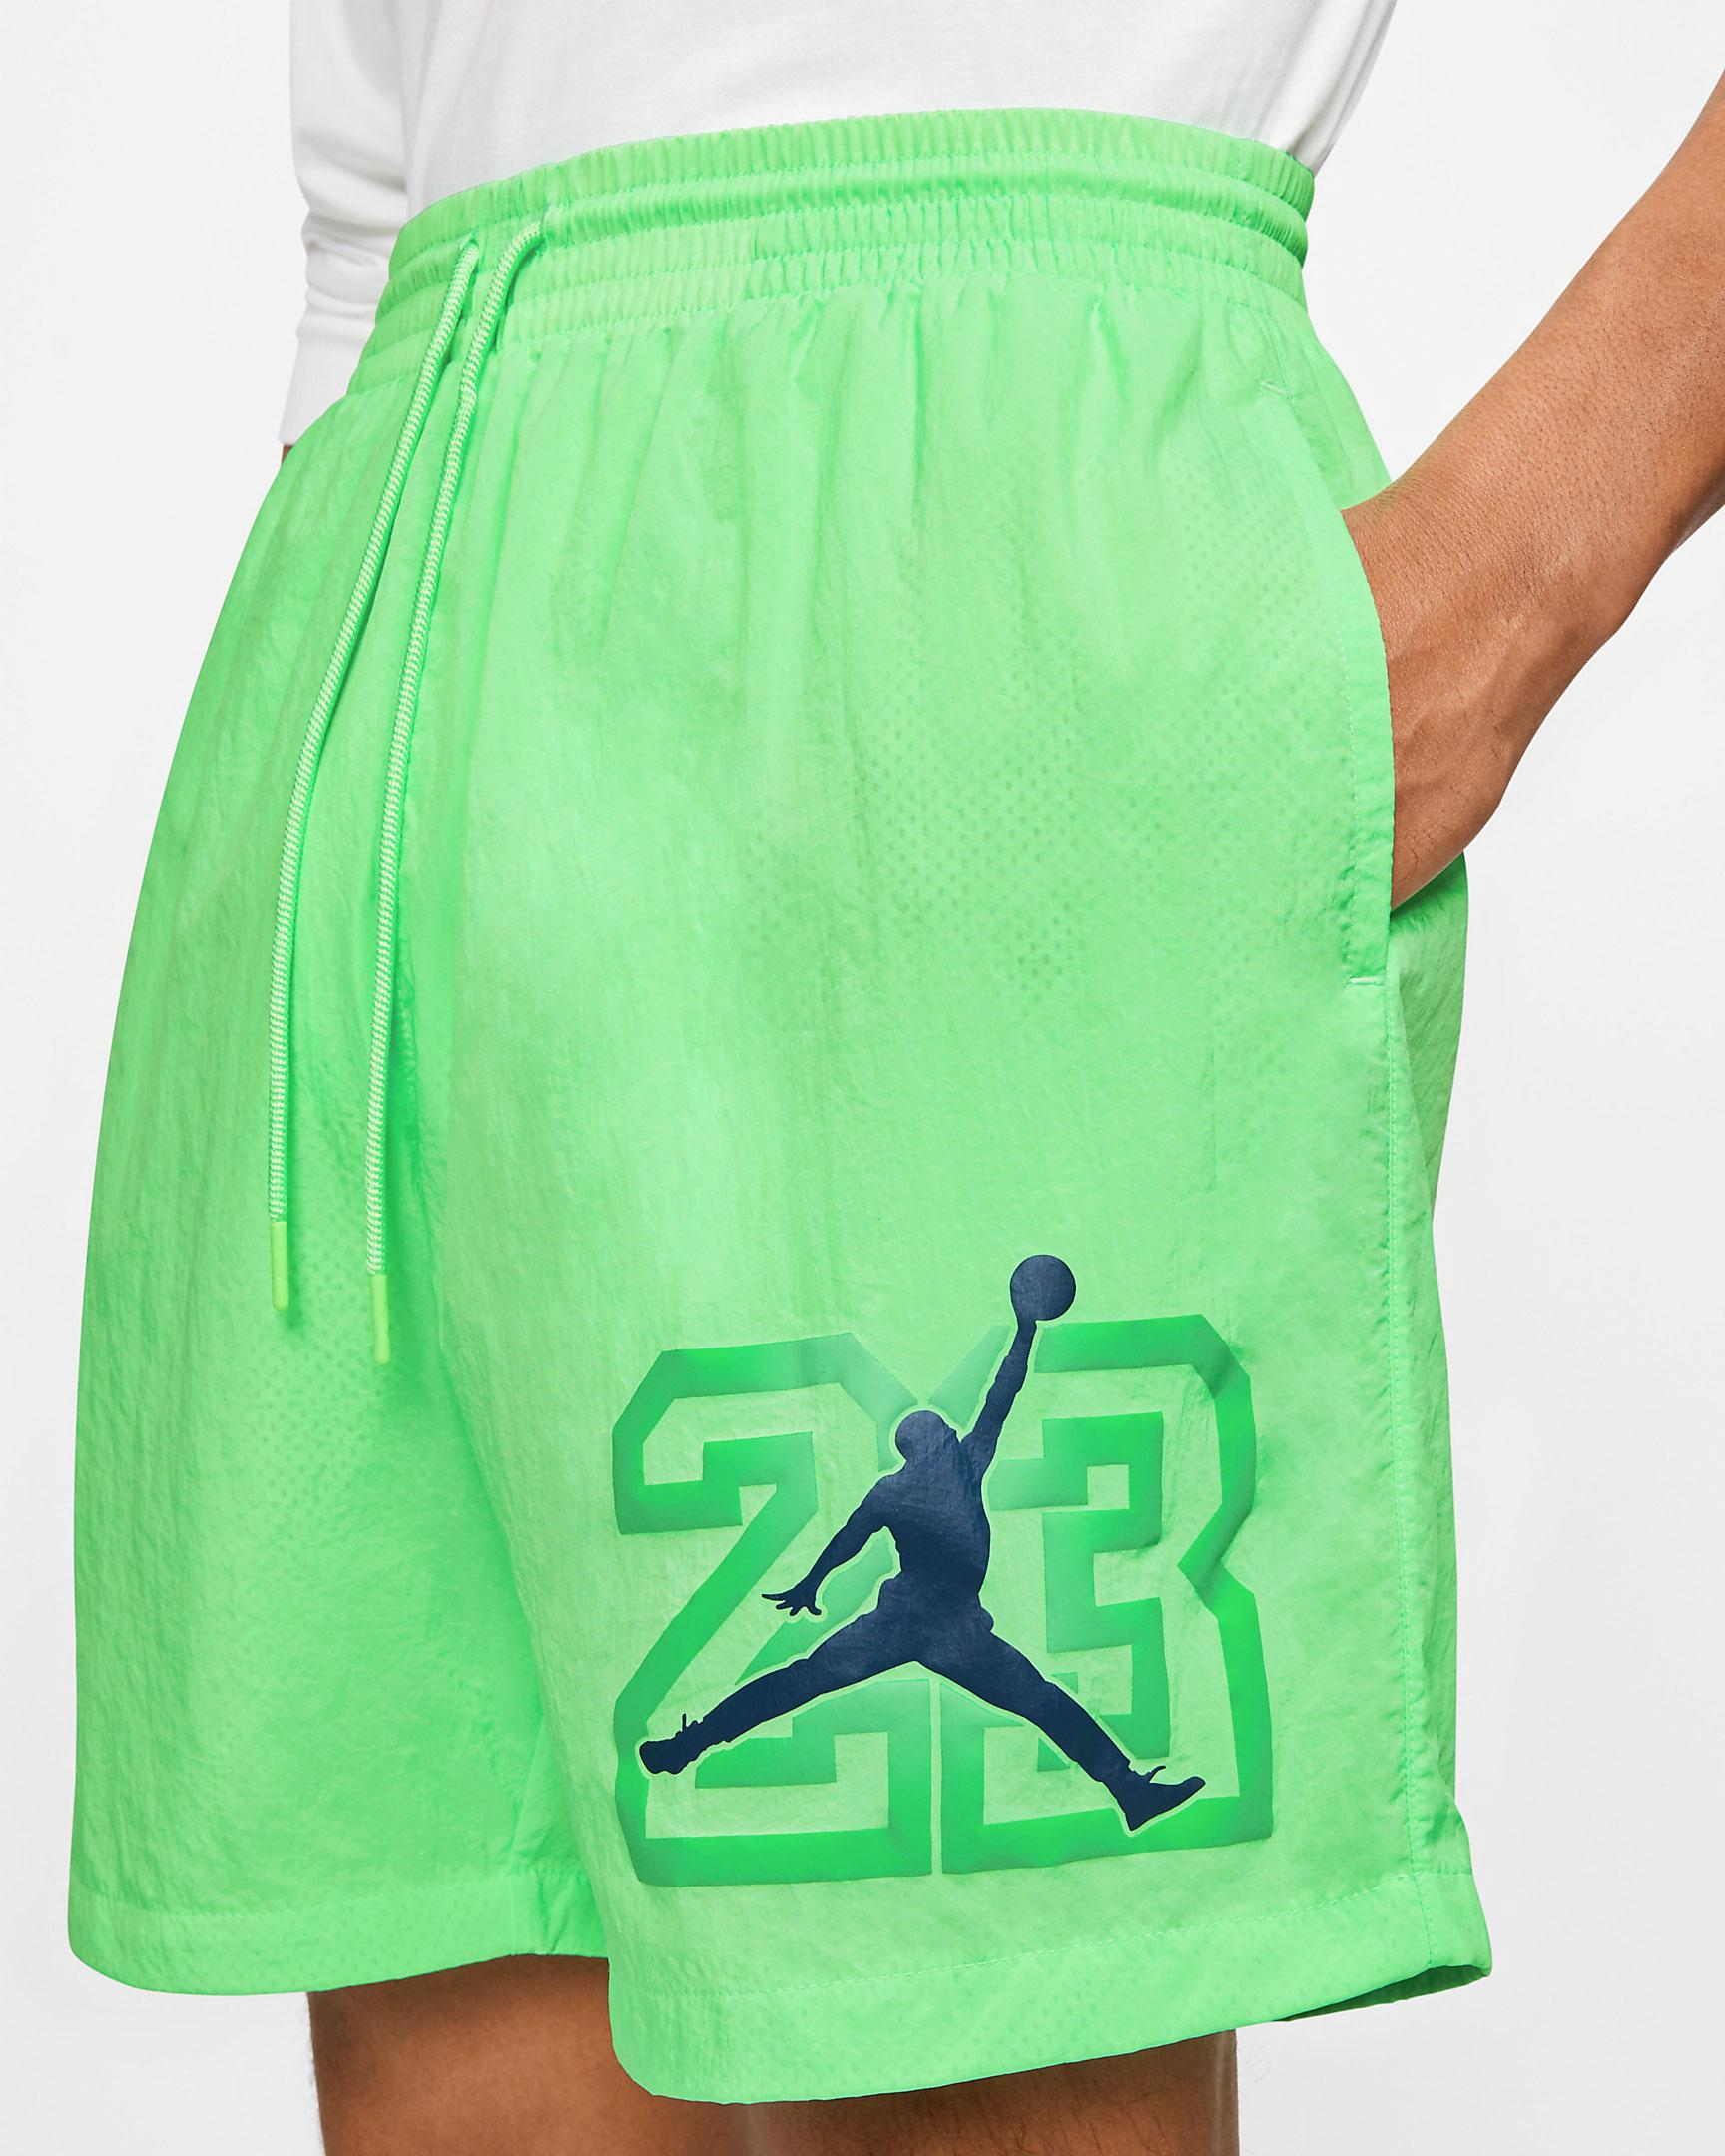 air-jordan-13-flint-2020-poolside-shorts-green-1